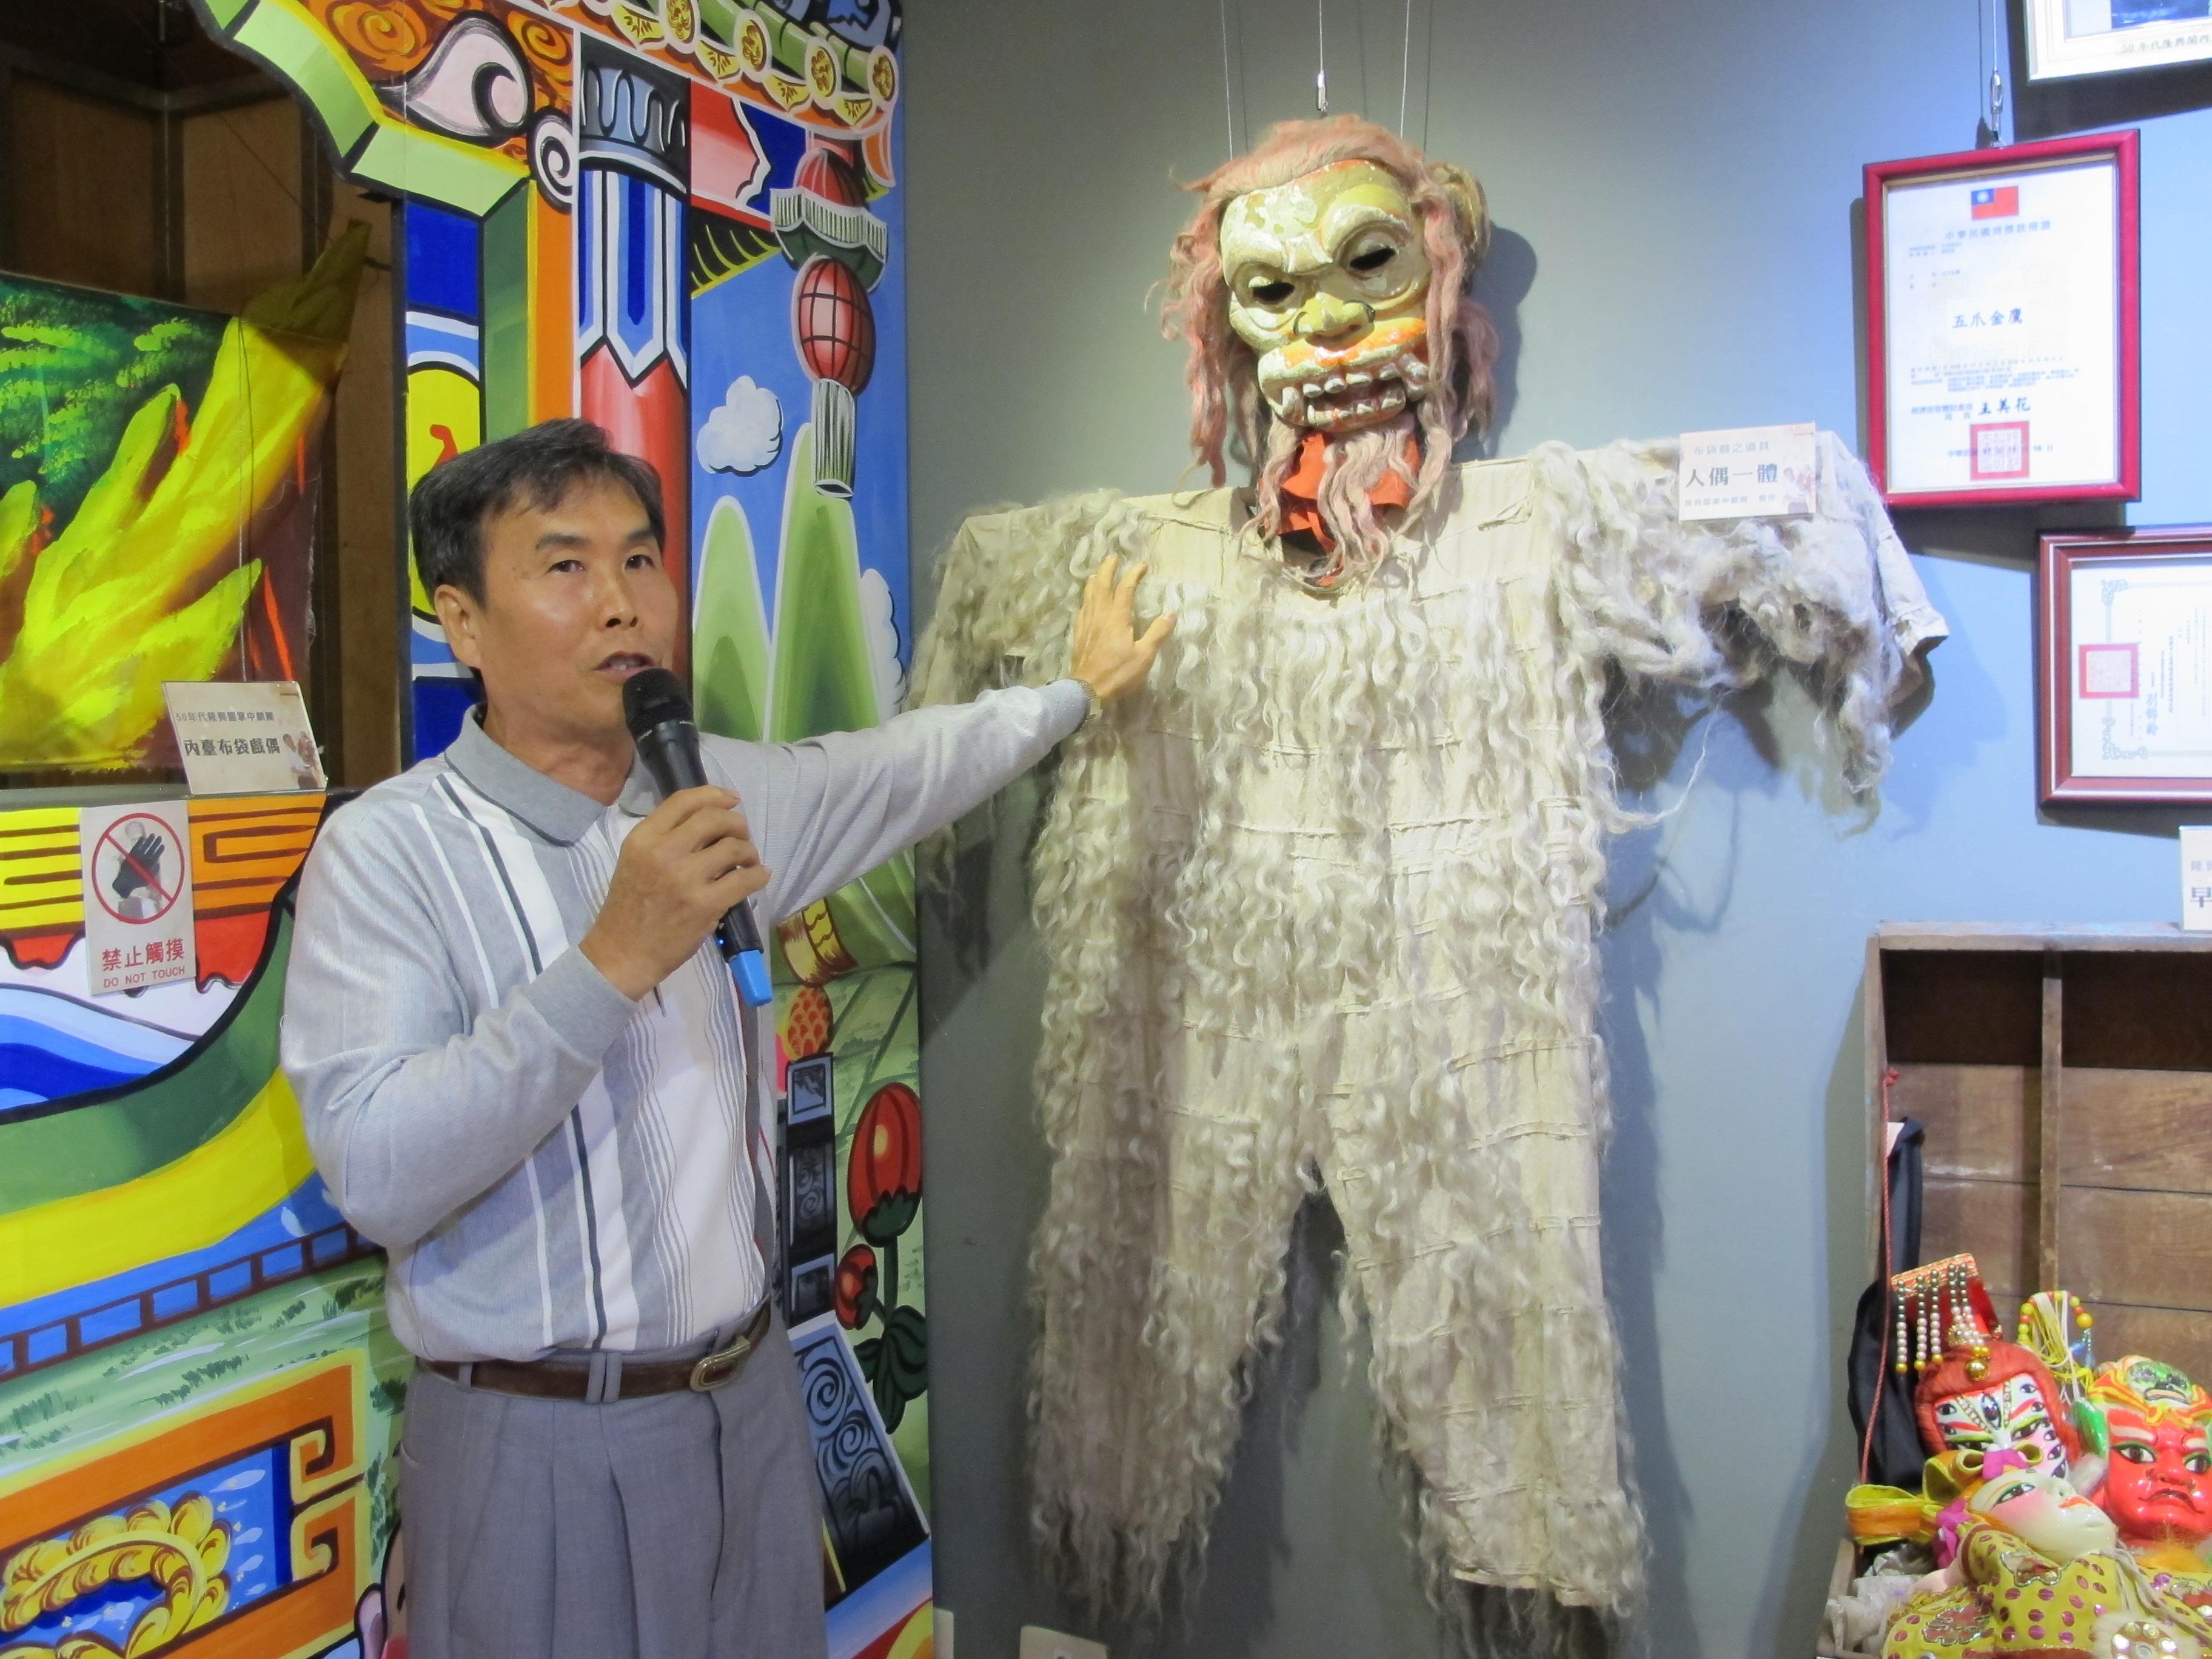 隆興閣團長廖昭堂:布袋戲是我的使命